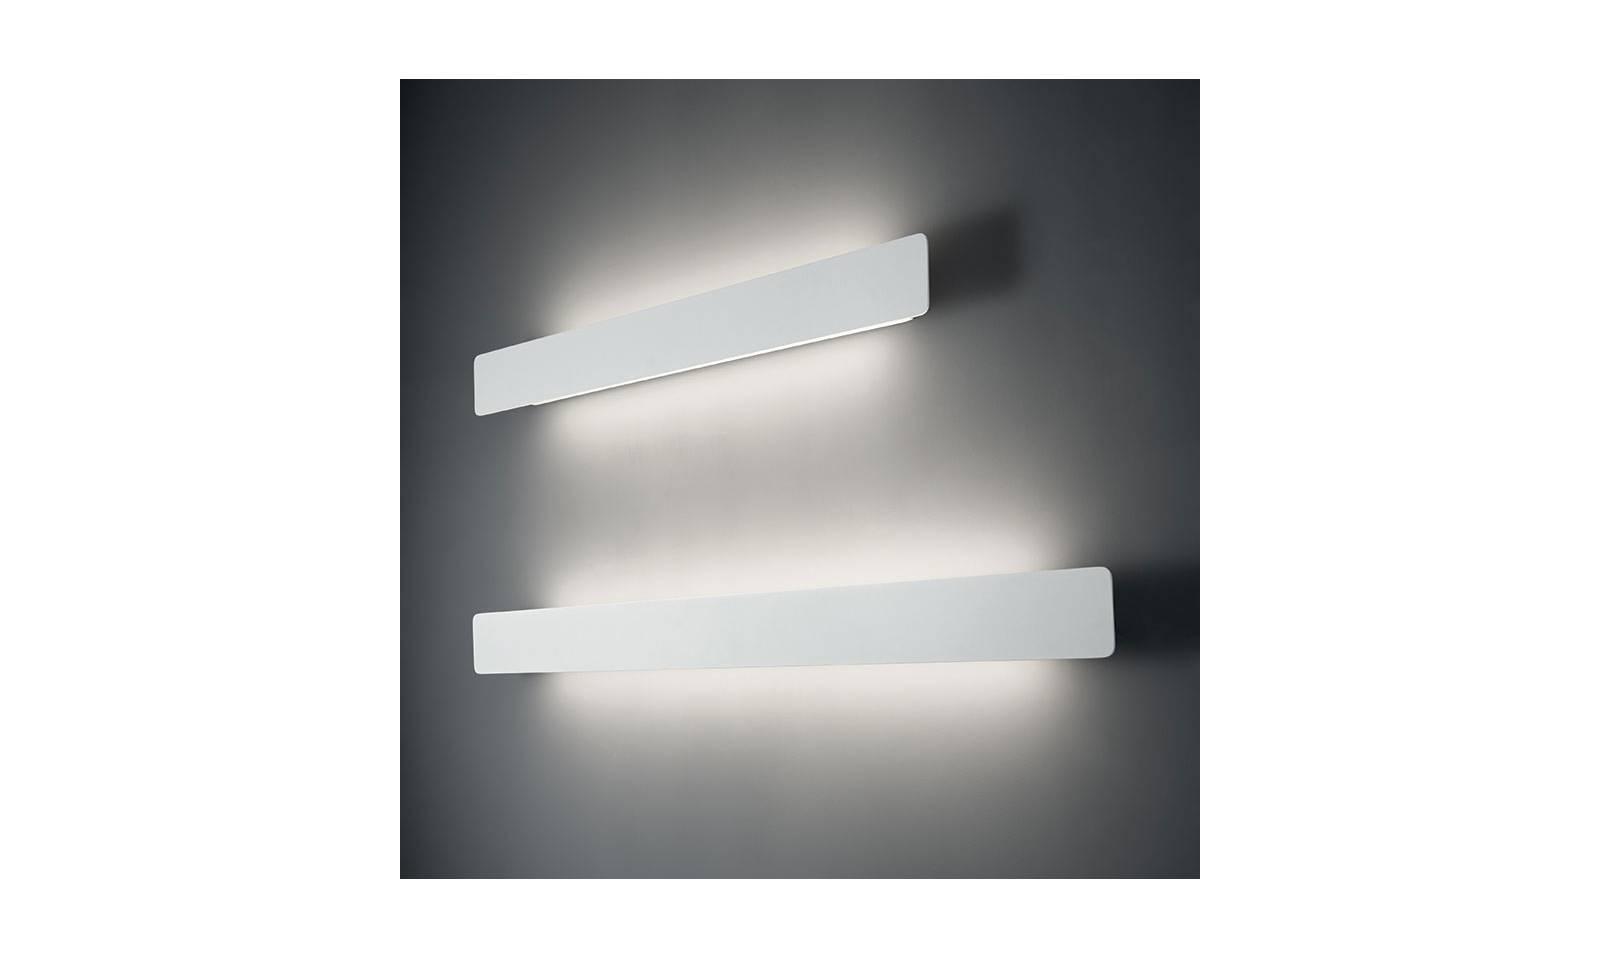 Applique vivida led in alluminio e acrilico serie line